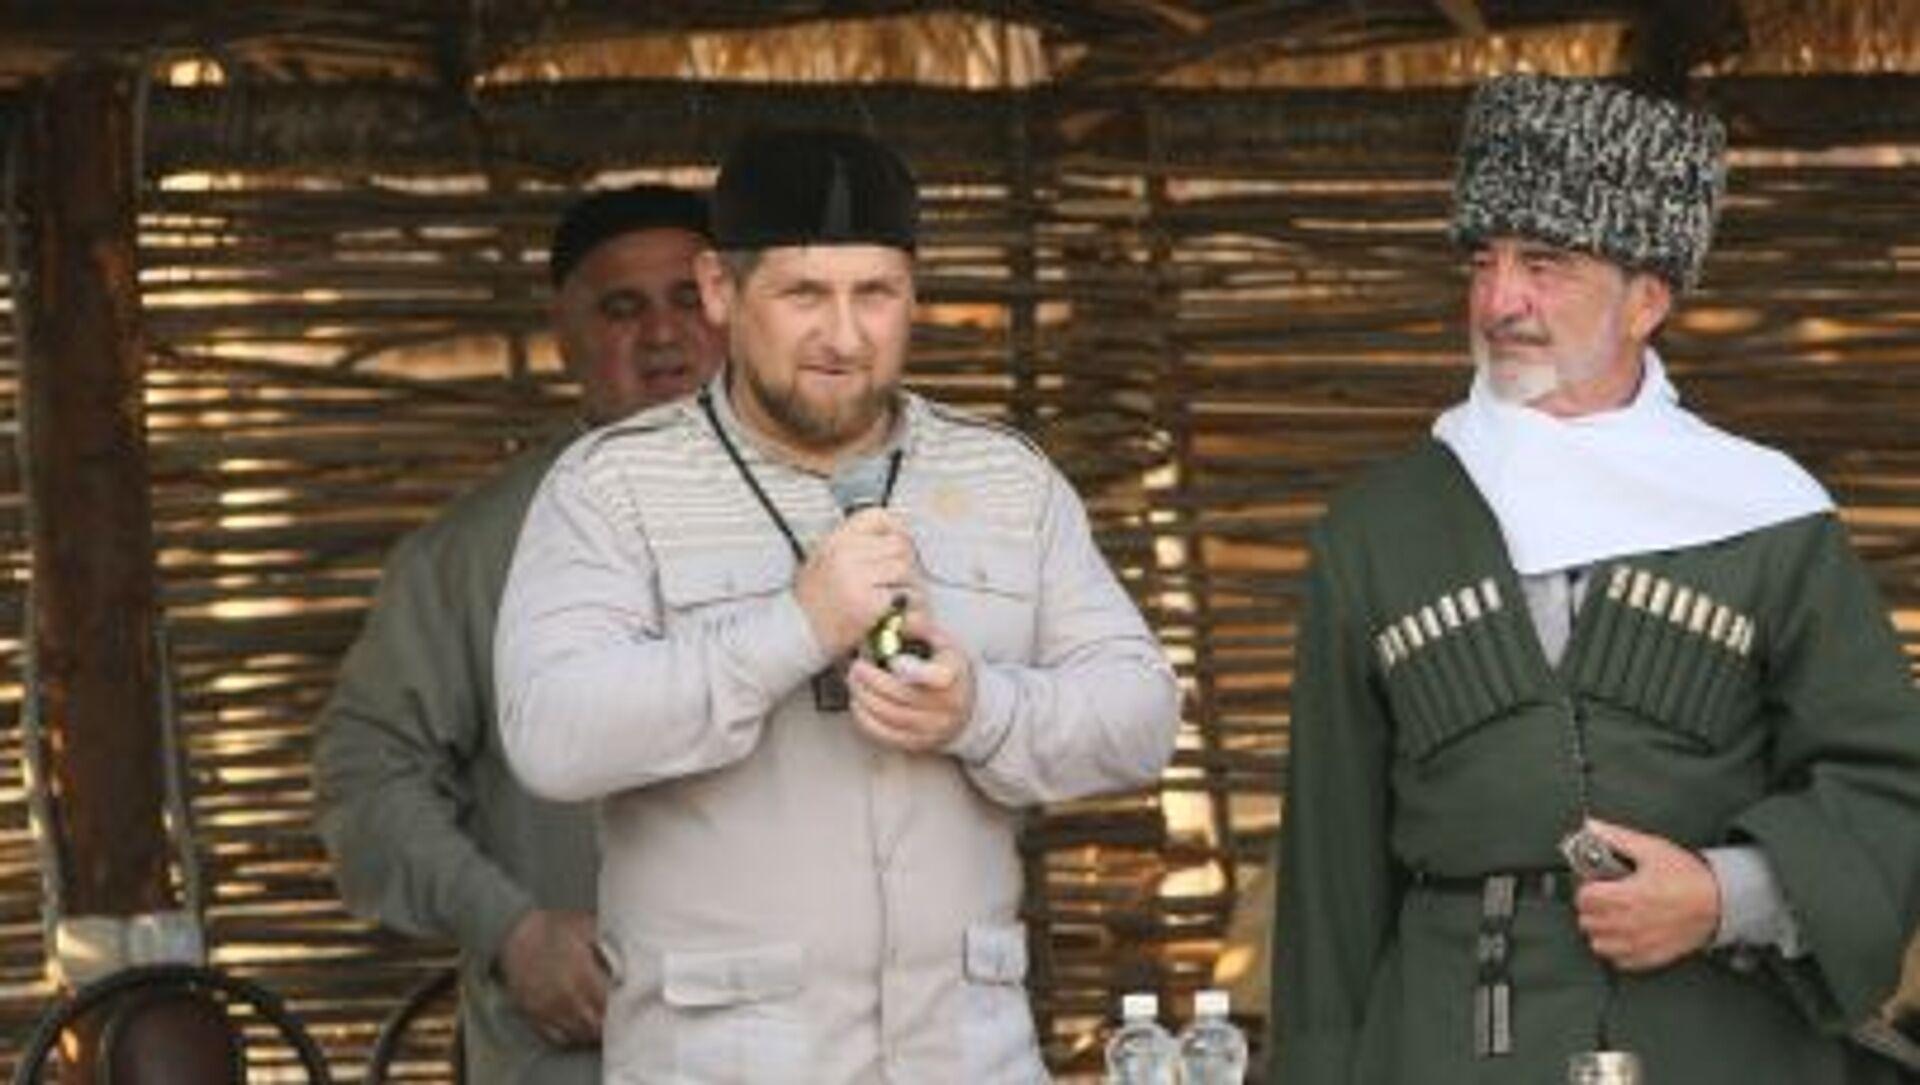 Przywódca Republiki Czeczeńskiej Ramzan Kadyrow na otwarciu muzeum etnograficznego w Czeczenii - Sputnik Polska, 1920, 20.03.2021